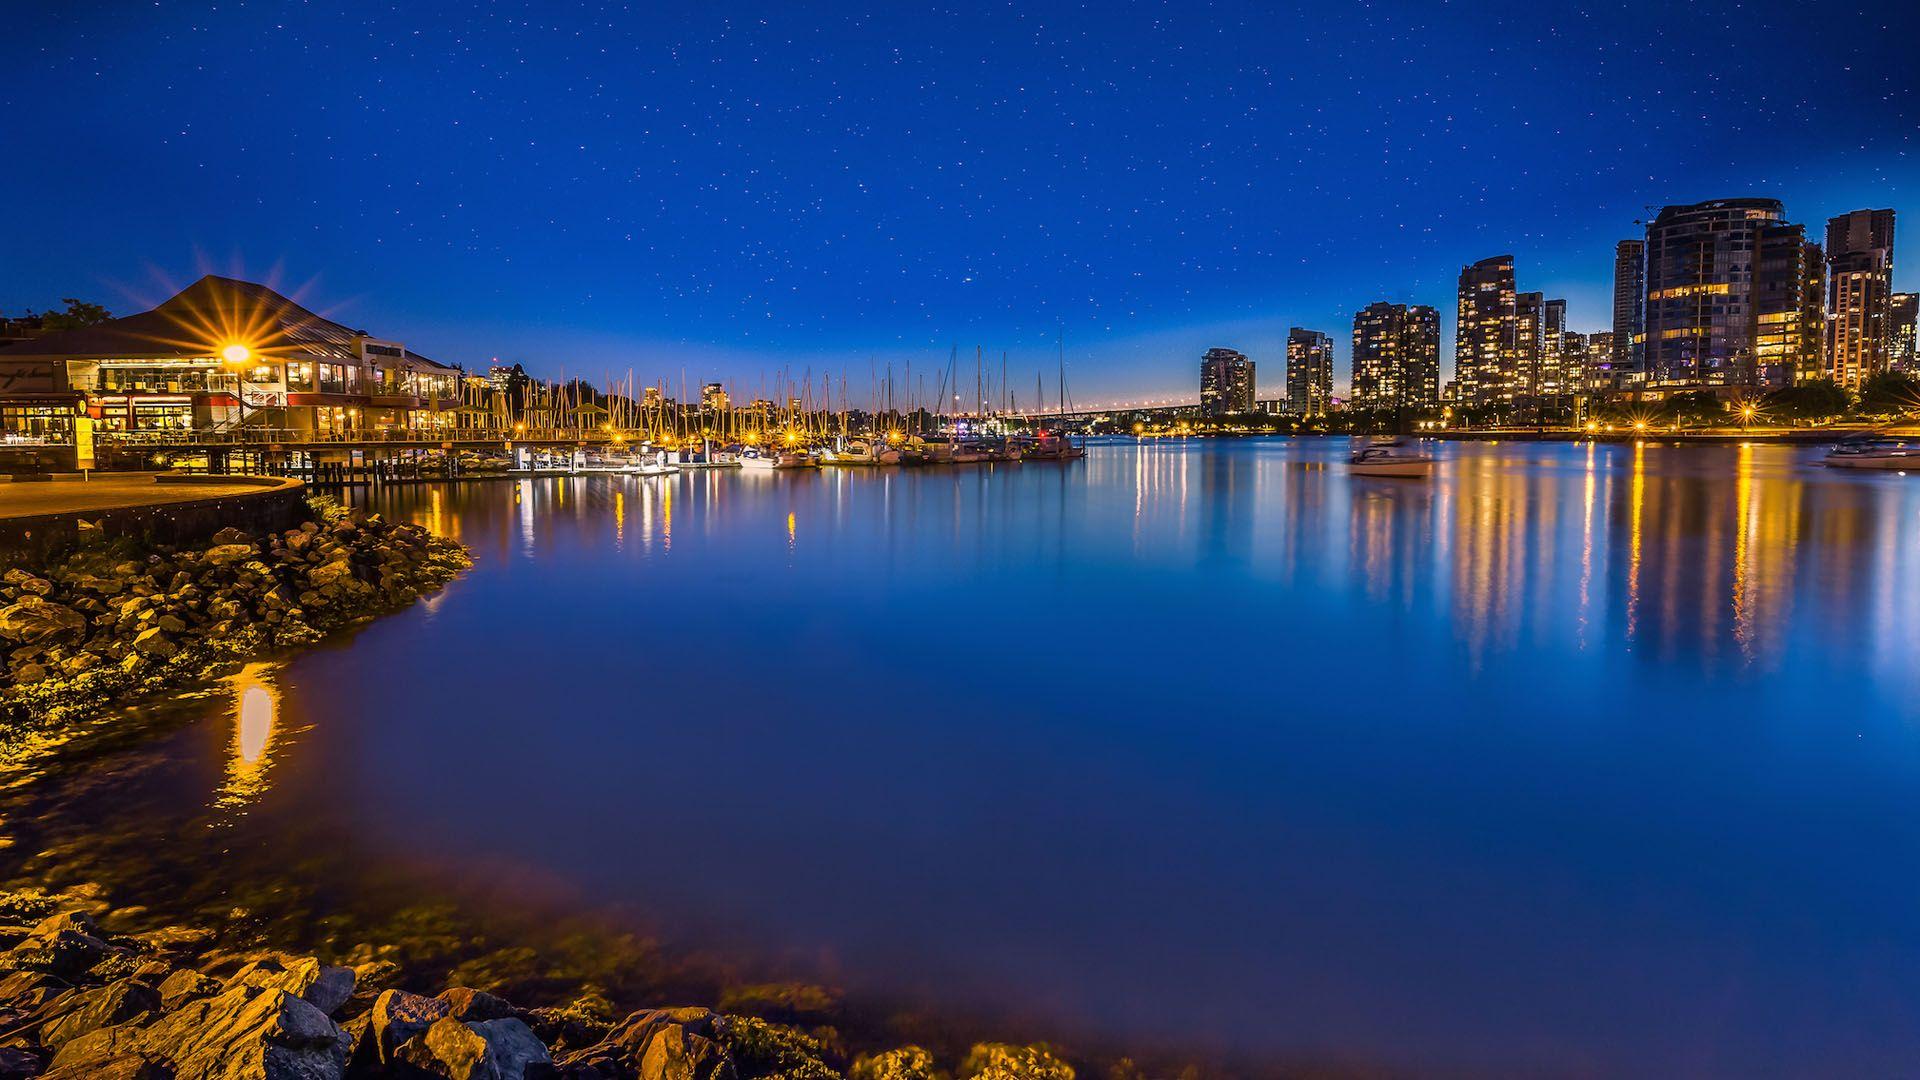 加拿大温哥华城市风景图片桌面壁纸,分辨率:1920x1200